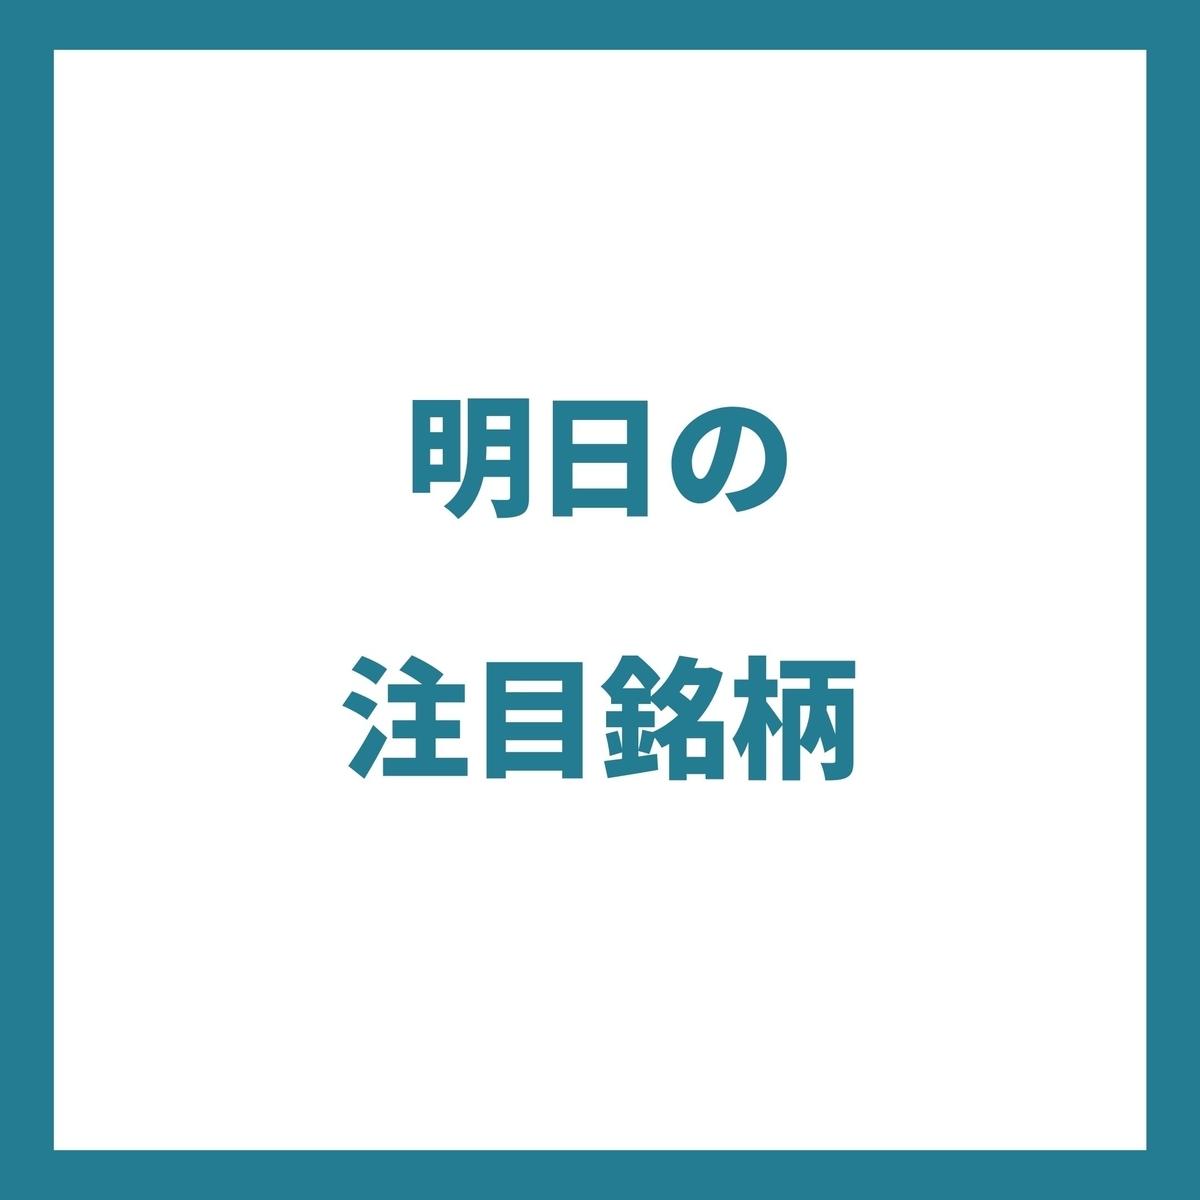 f:id:ucoms:20210406194125j:plain